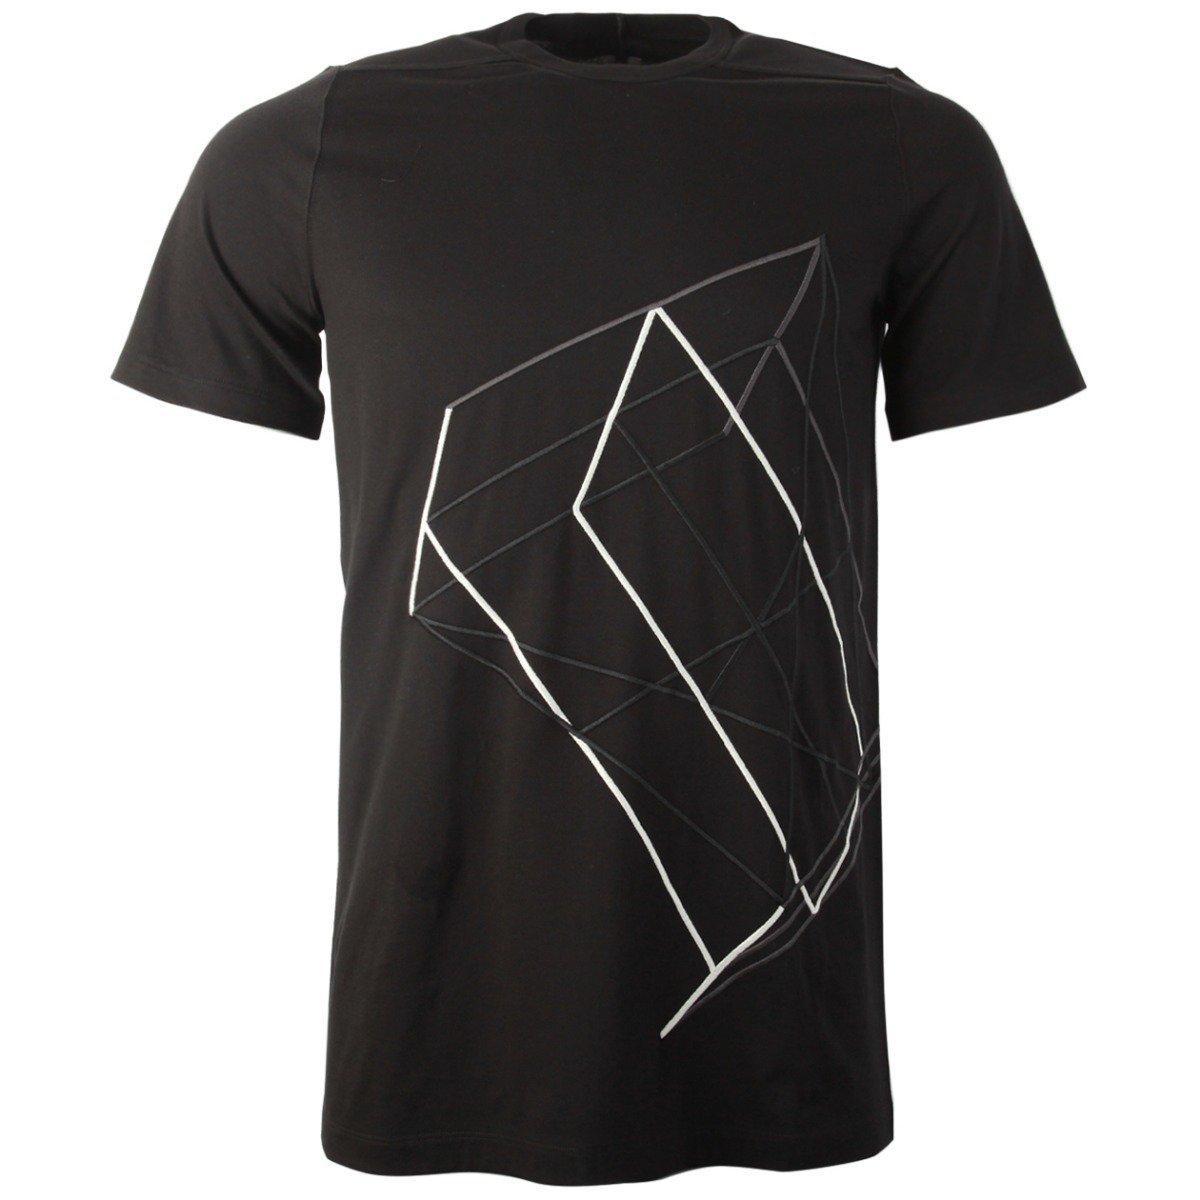 b53eb2ed6 Rick Owens Ru19s2264 Jaem3 09117 Black As Embr Woven Tshirt in Black ...